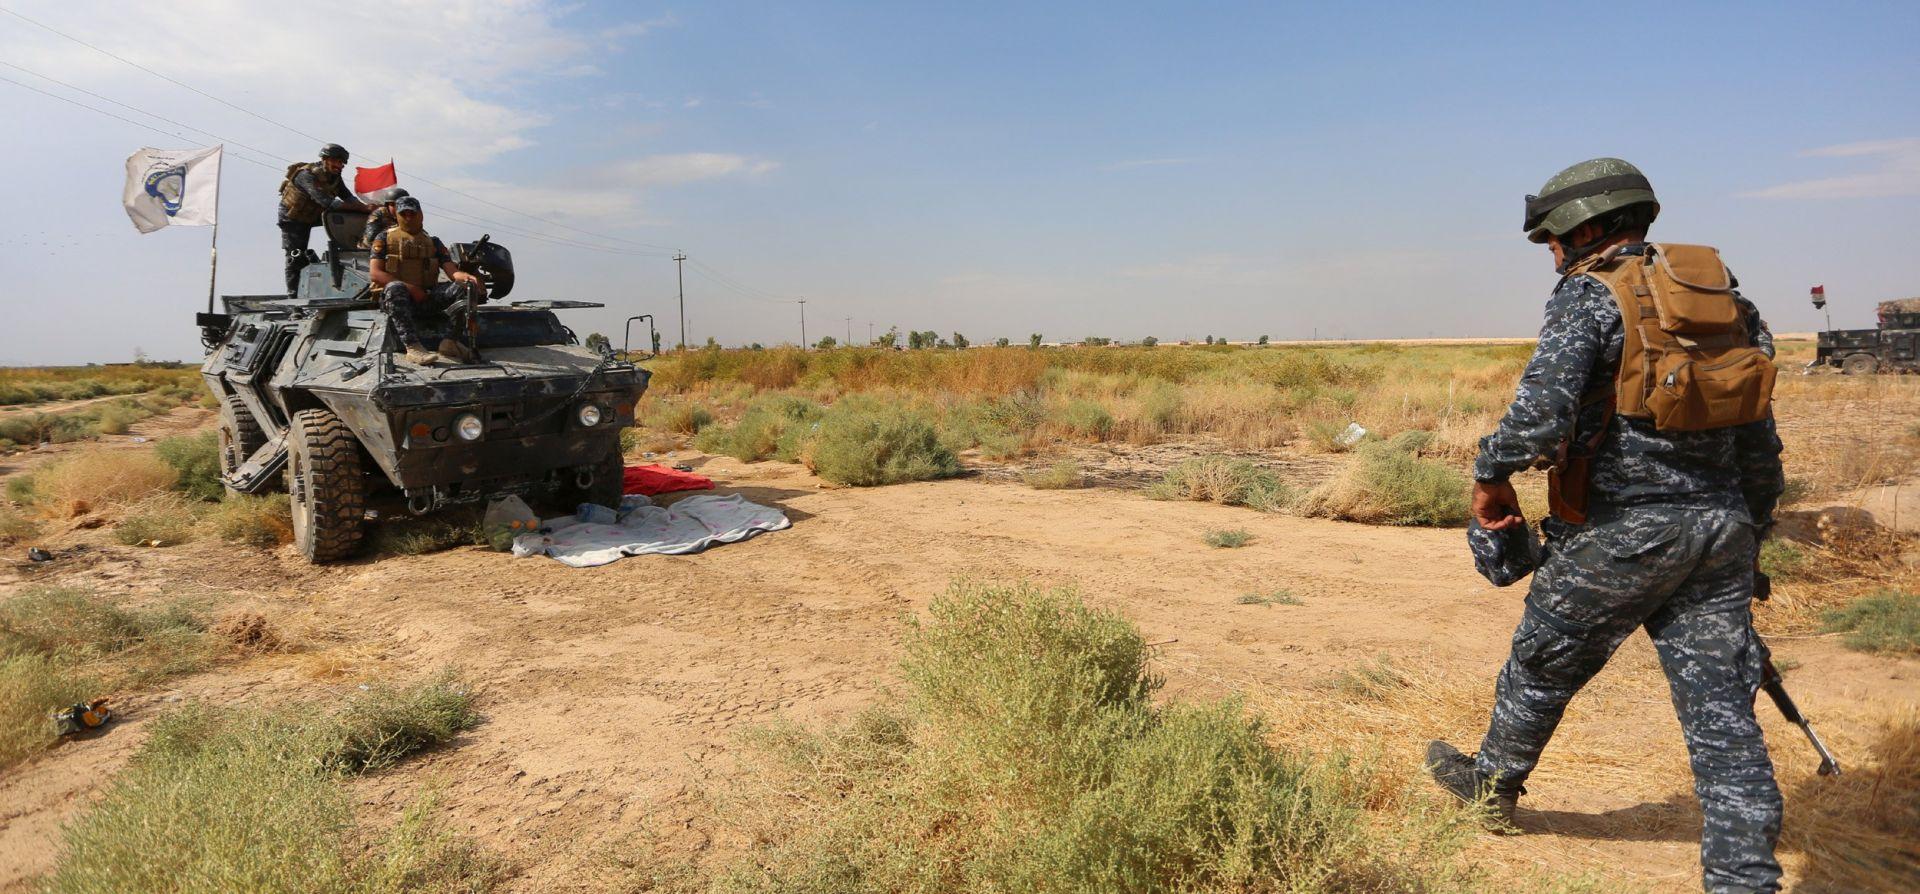 Iračke snage preuzele kontrolu nad svim naftnim poljima oko Kirkuka